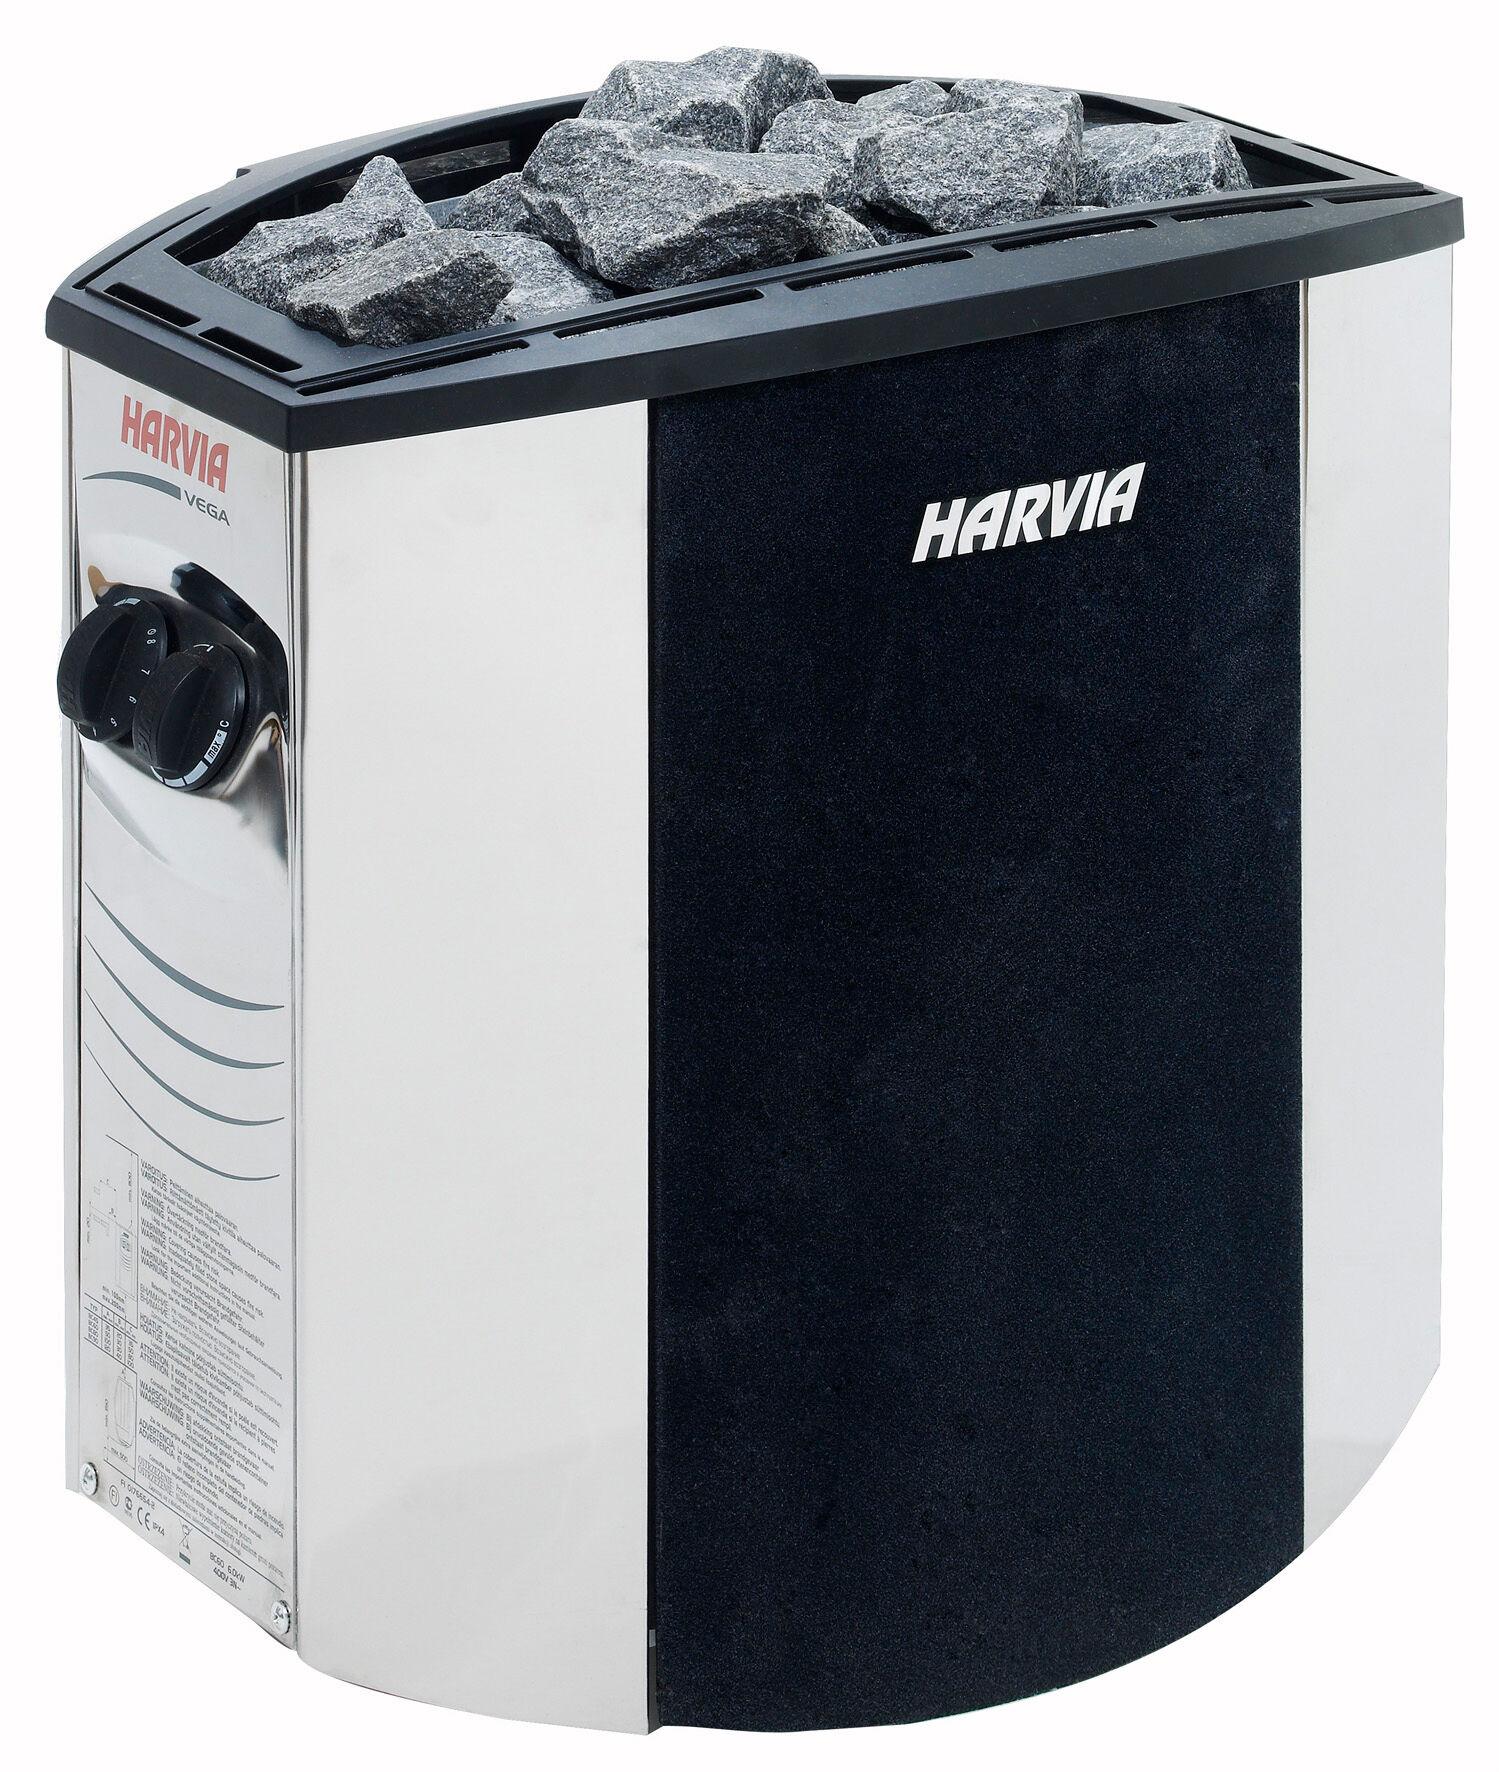 HARVIA Poêle électrique Harvia Vega Lux 4,5 kW